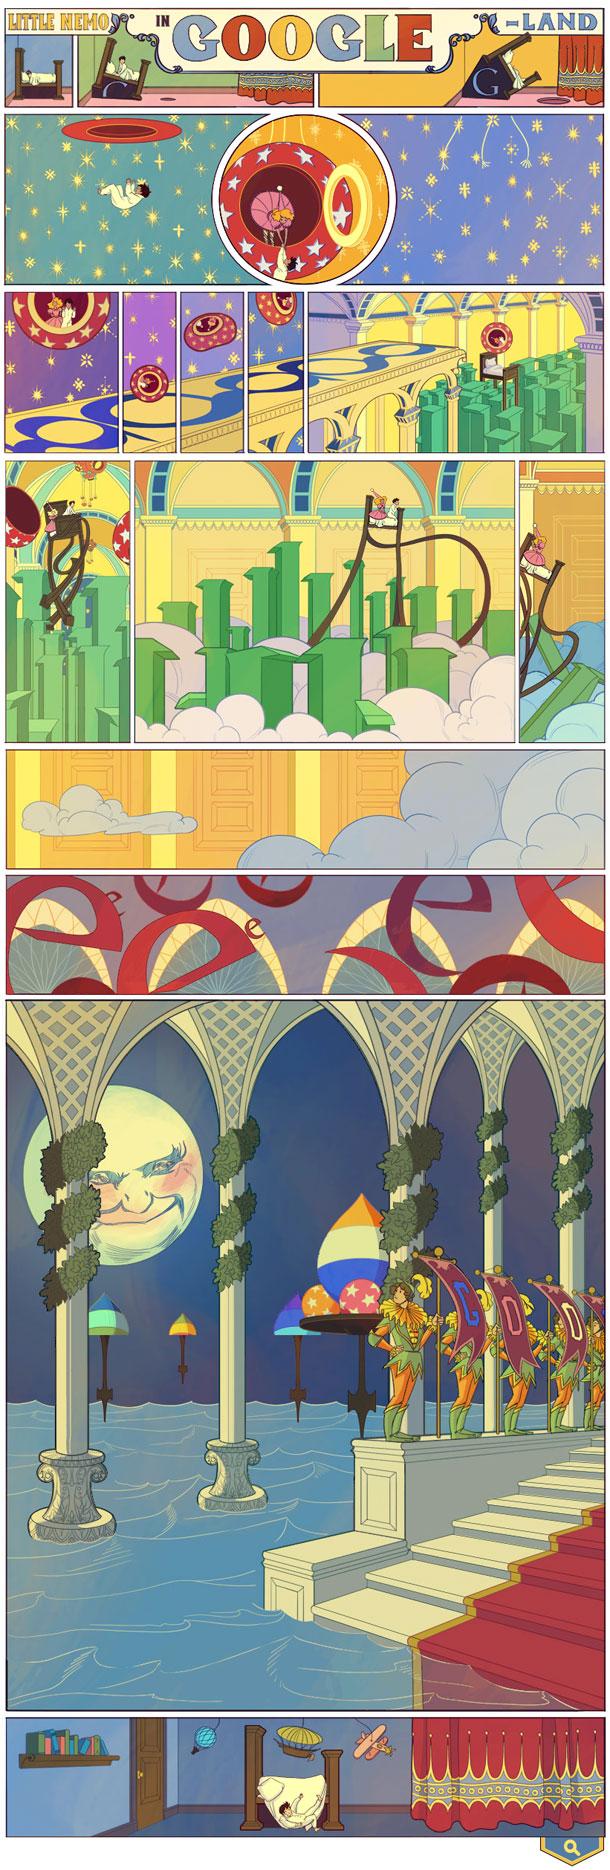 Google-doodle-Little Nemo Winsor-McCay